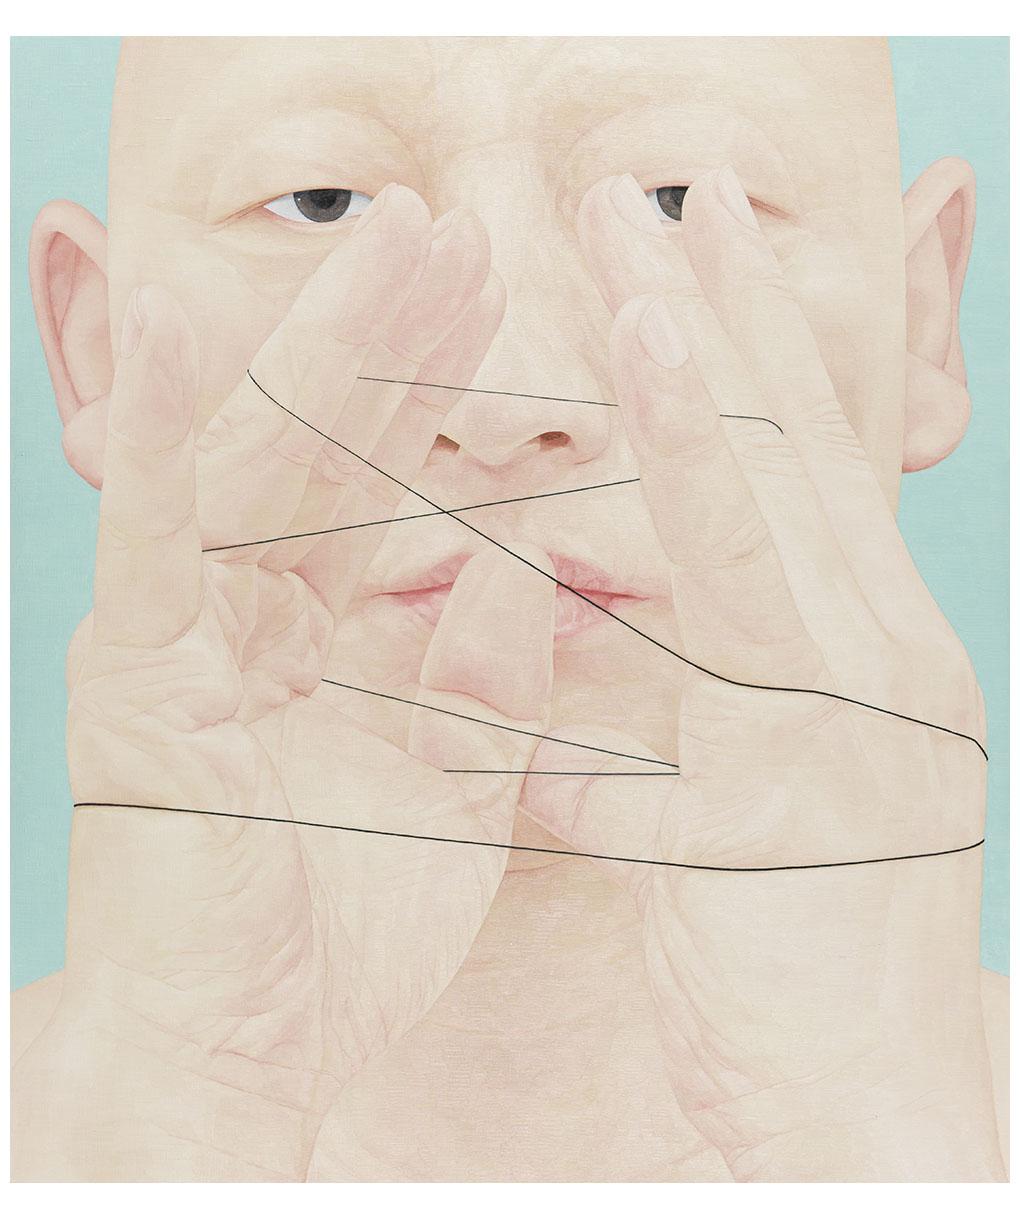 한 사람으로서의 자화상- 실 150cm x 130cm Oil on canvas 2017.jpg